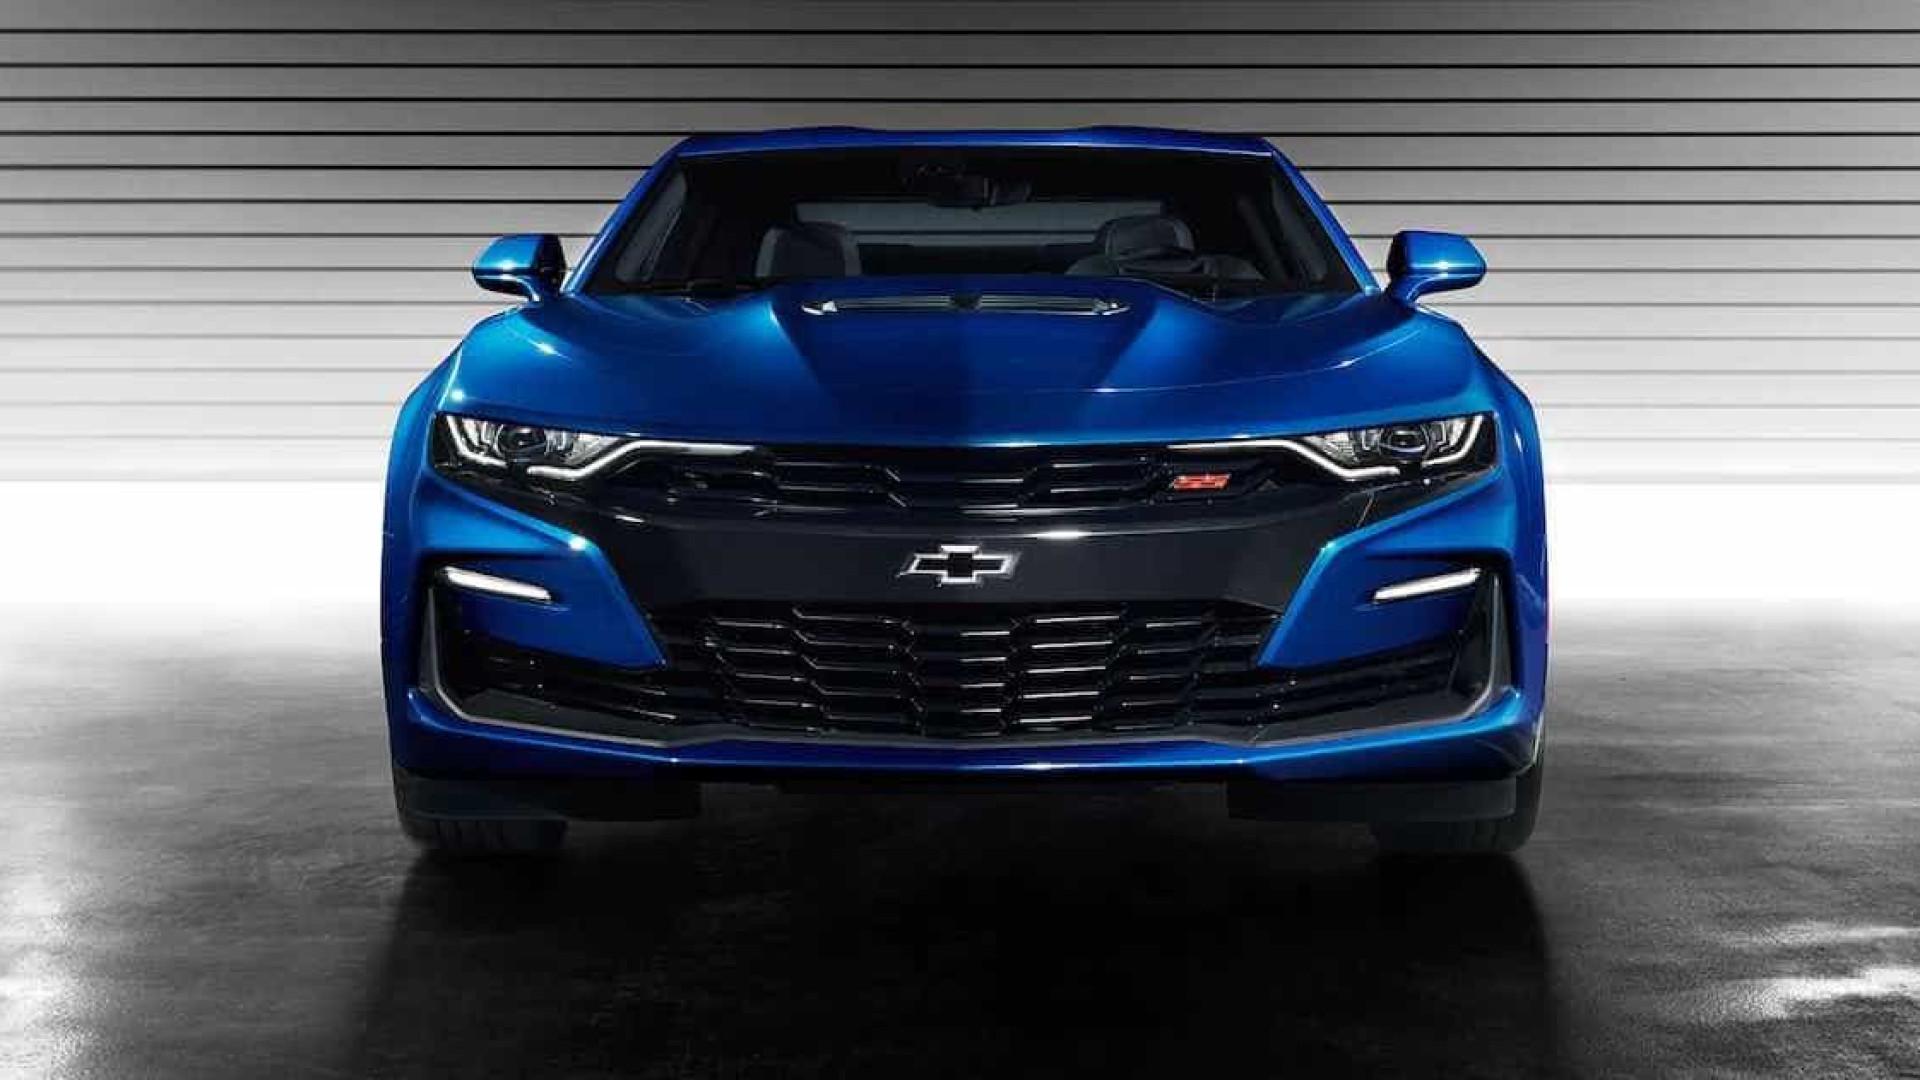 Chevrolet anuncia nova linha esportiva do Camaro; fotos